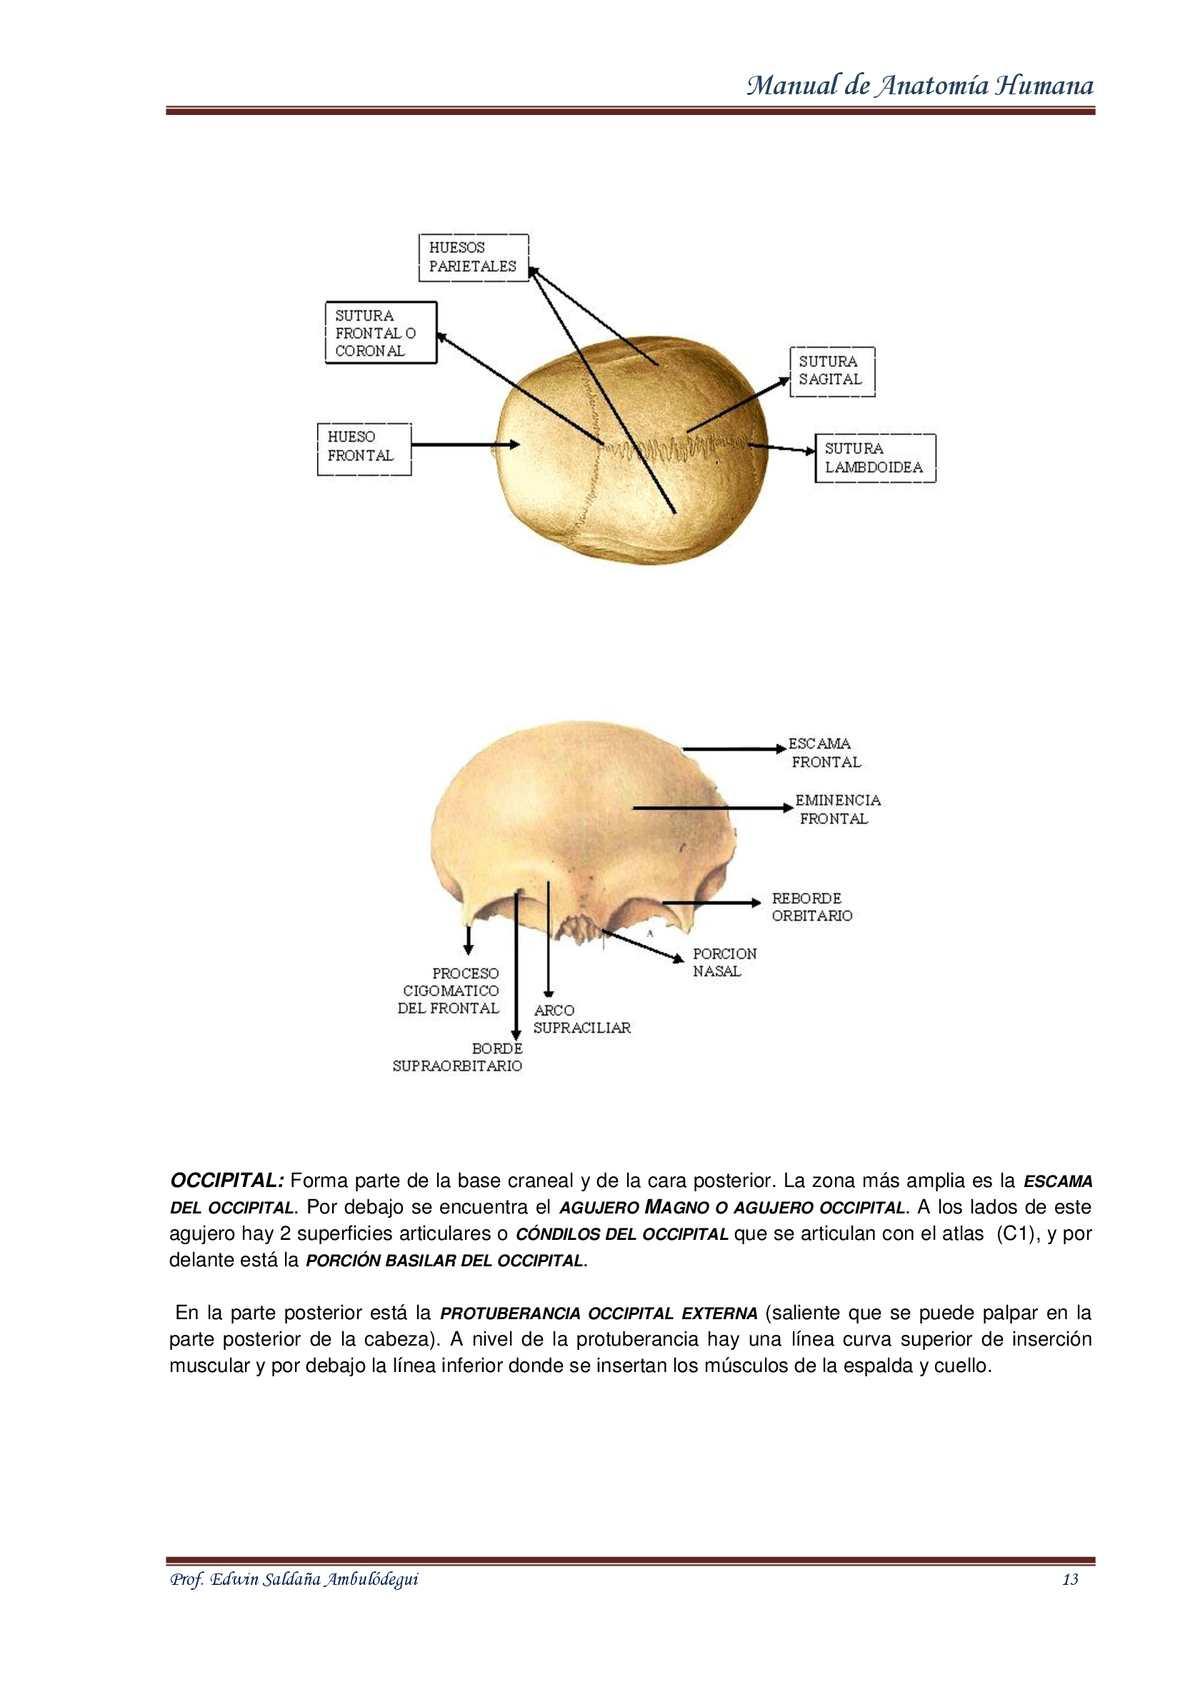 Fantástico C1 Atlas De Anatomía Bandera - Imágenes de Anatomía ...